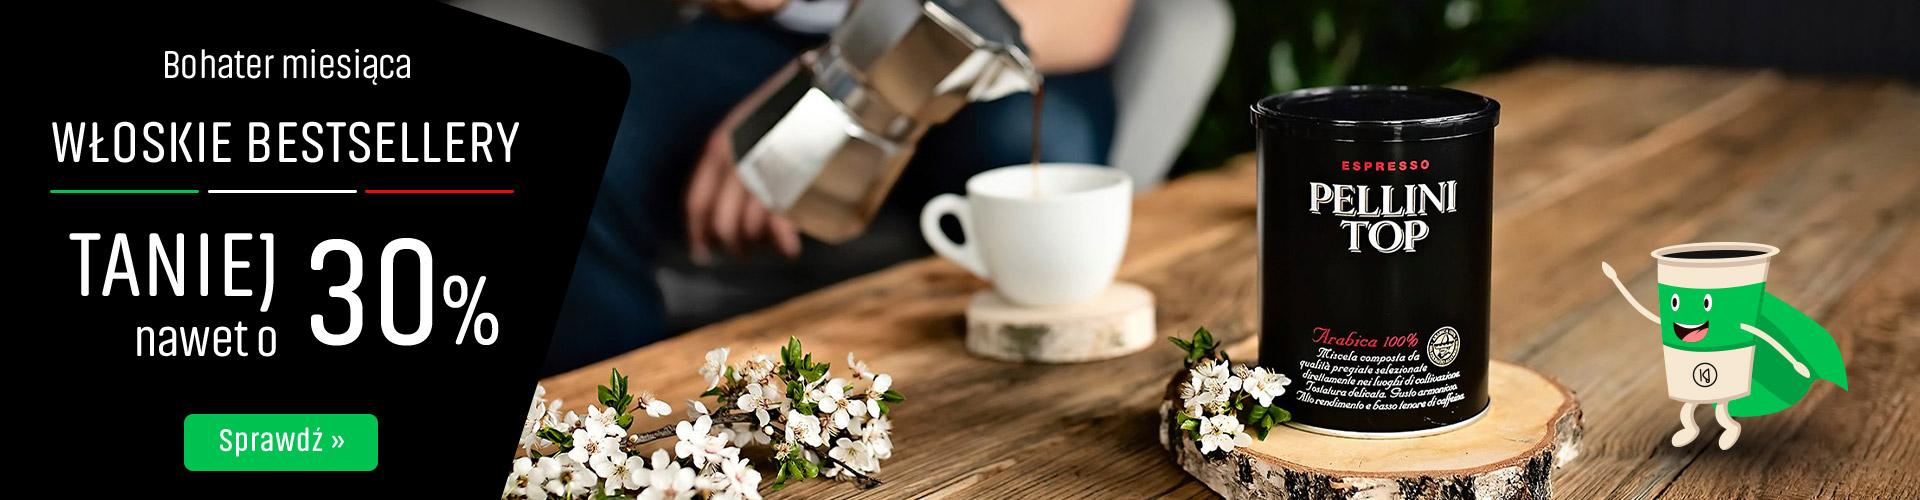 Konesso: do 30%  zniżki zniżki na włoskie kawy Pellini